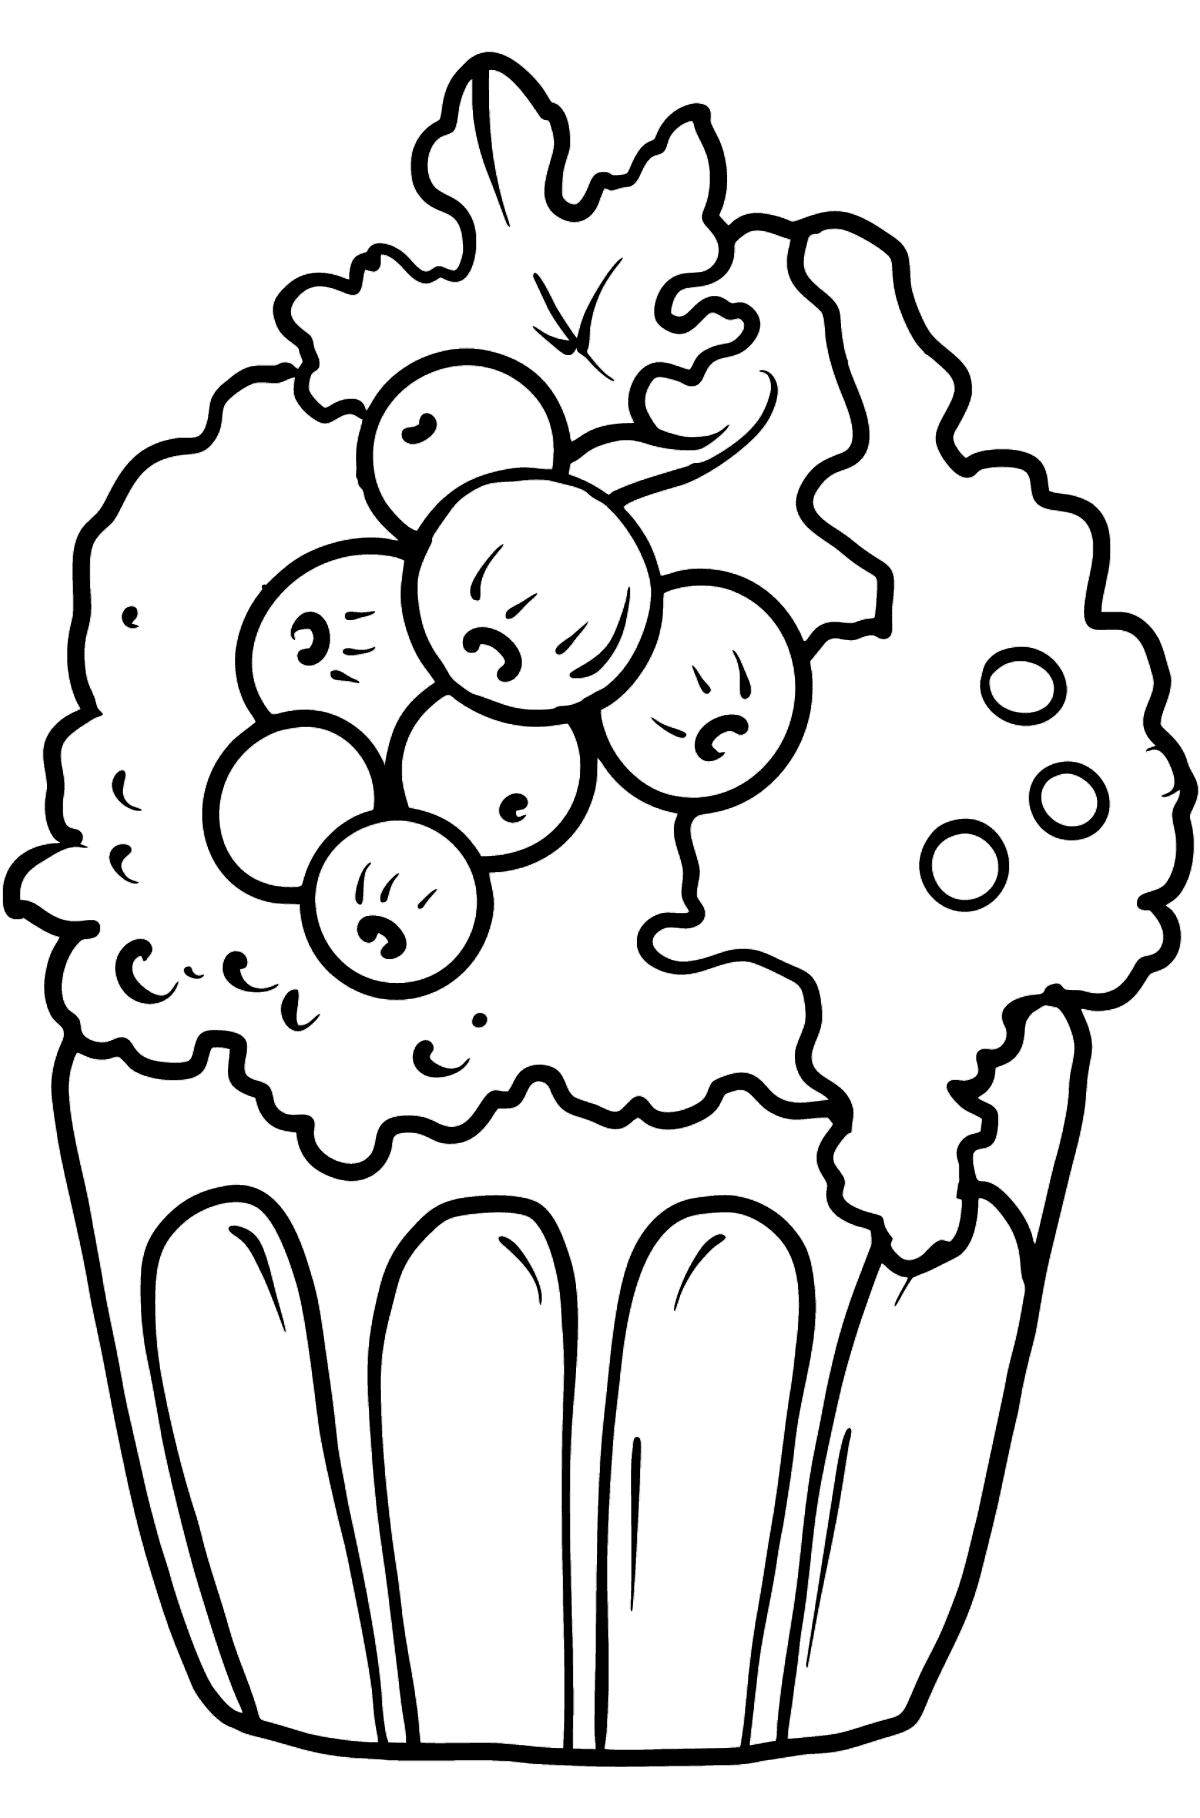 Kuchen mit Johannisbeeren Ausmalbild - Malvorlagen für Kinder